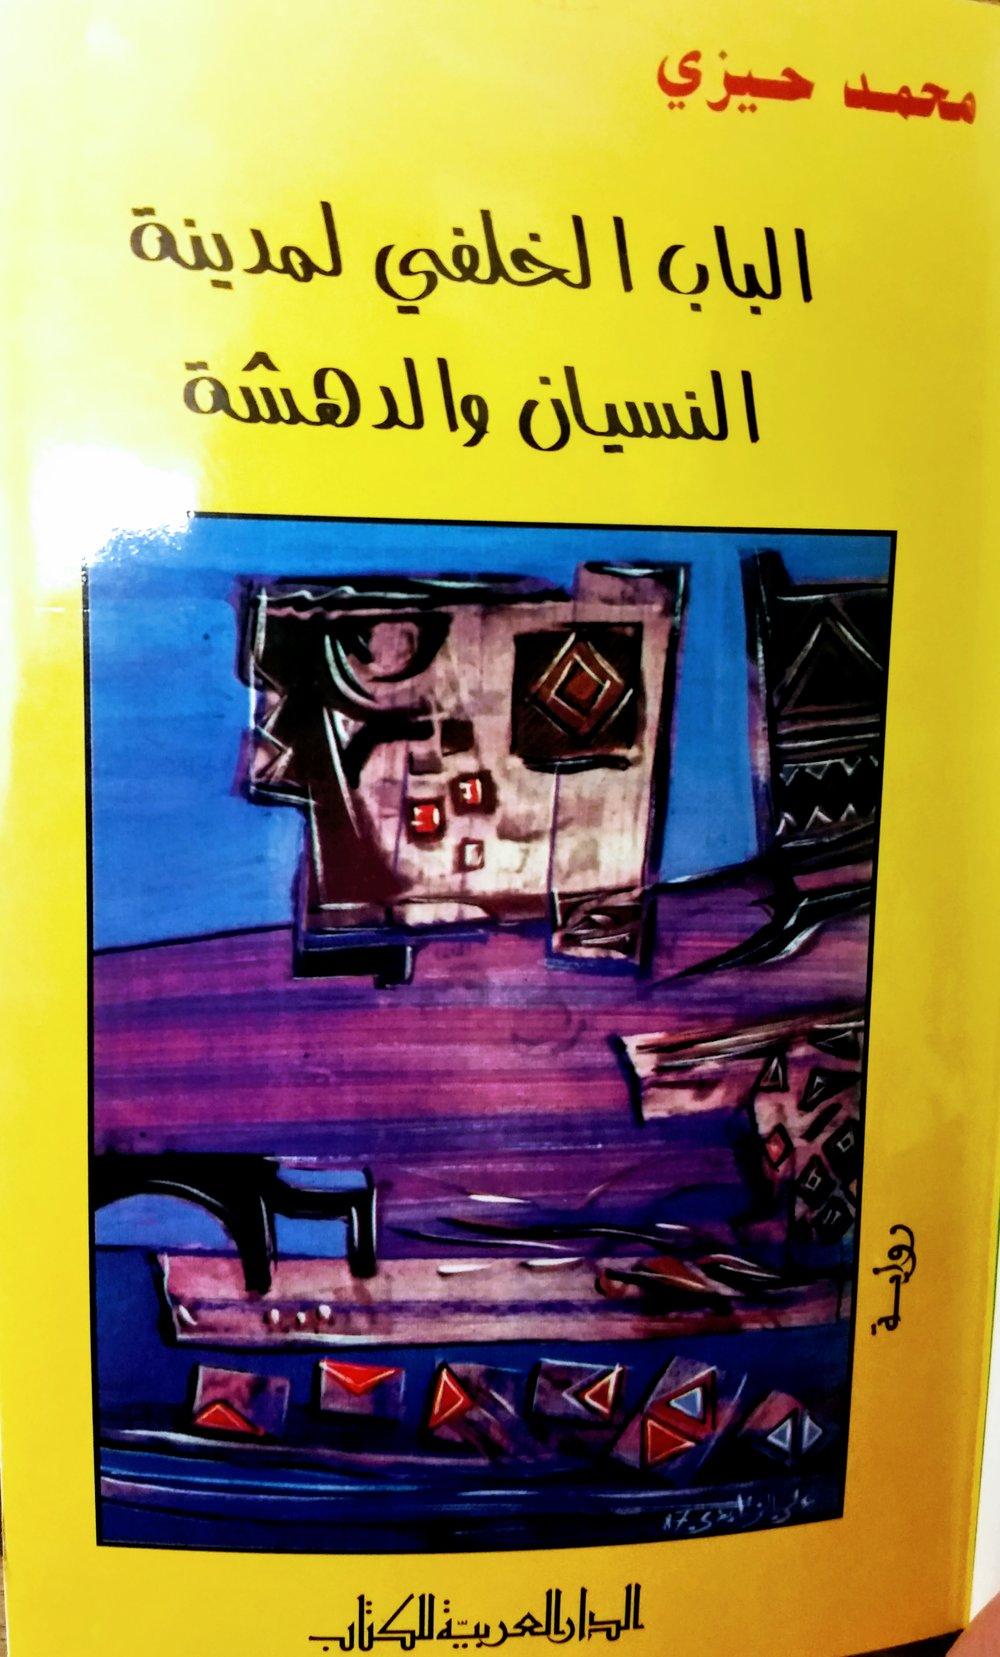 By Muḥammad Ḥīzī, 1st ed. ([Tūnis]: al-Dār al-ʿArabiyyah li-l-Kitāb, 1994)